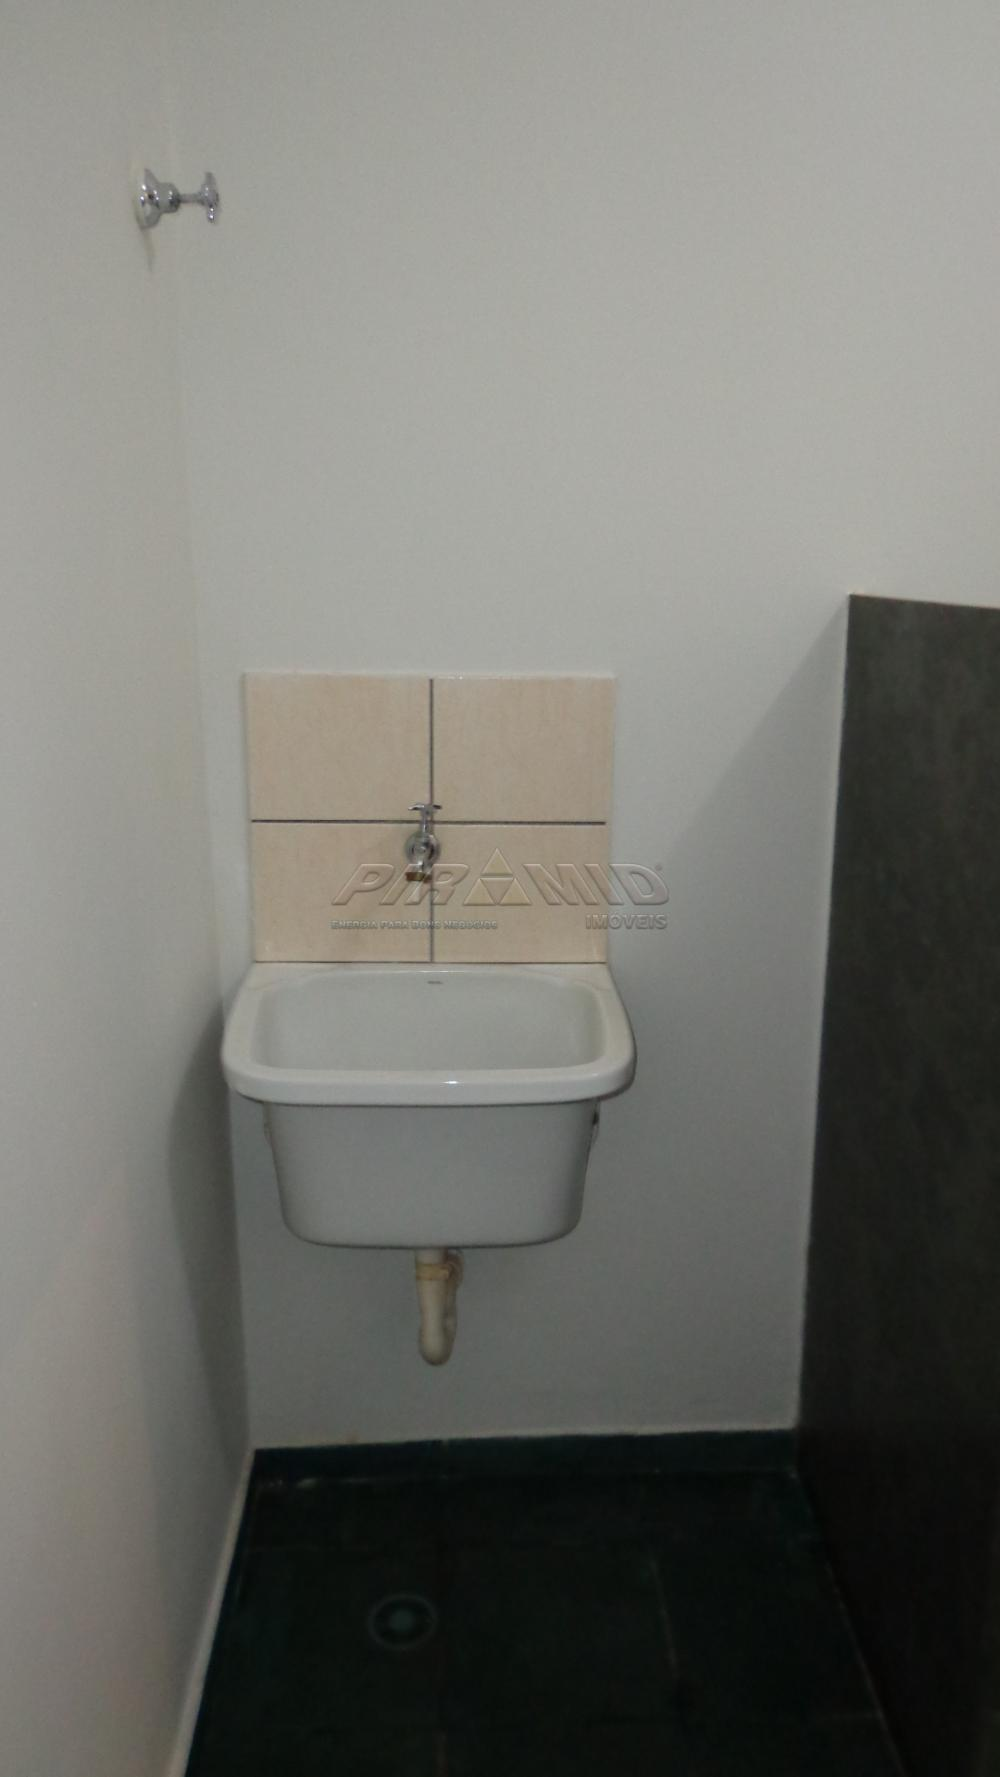 Alugar Apartamento / Padrão em Ribeirão Preto R$ 540,00 - Foto 14